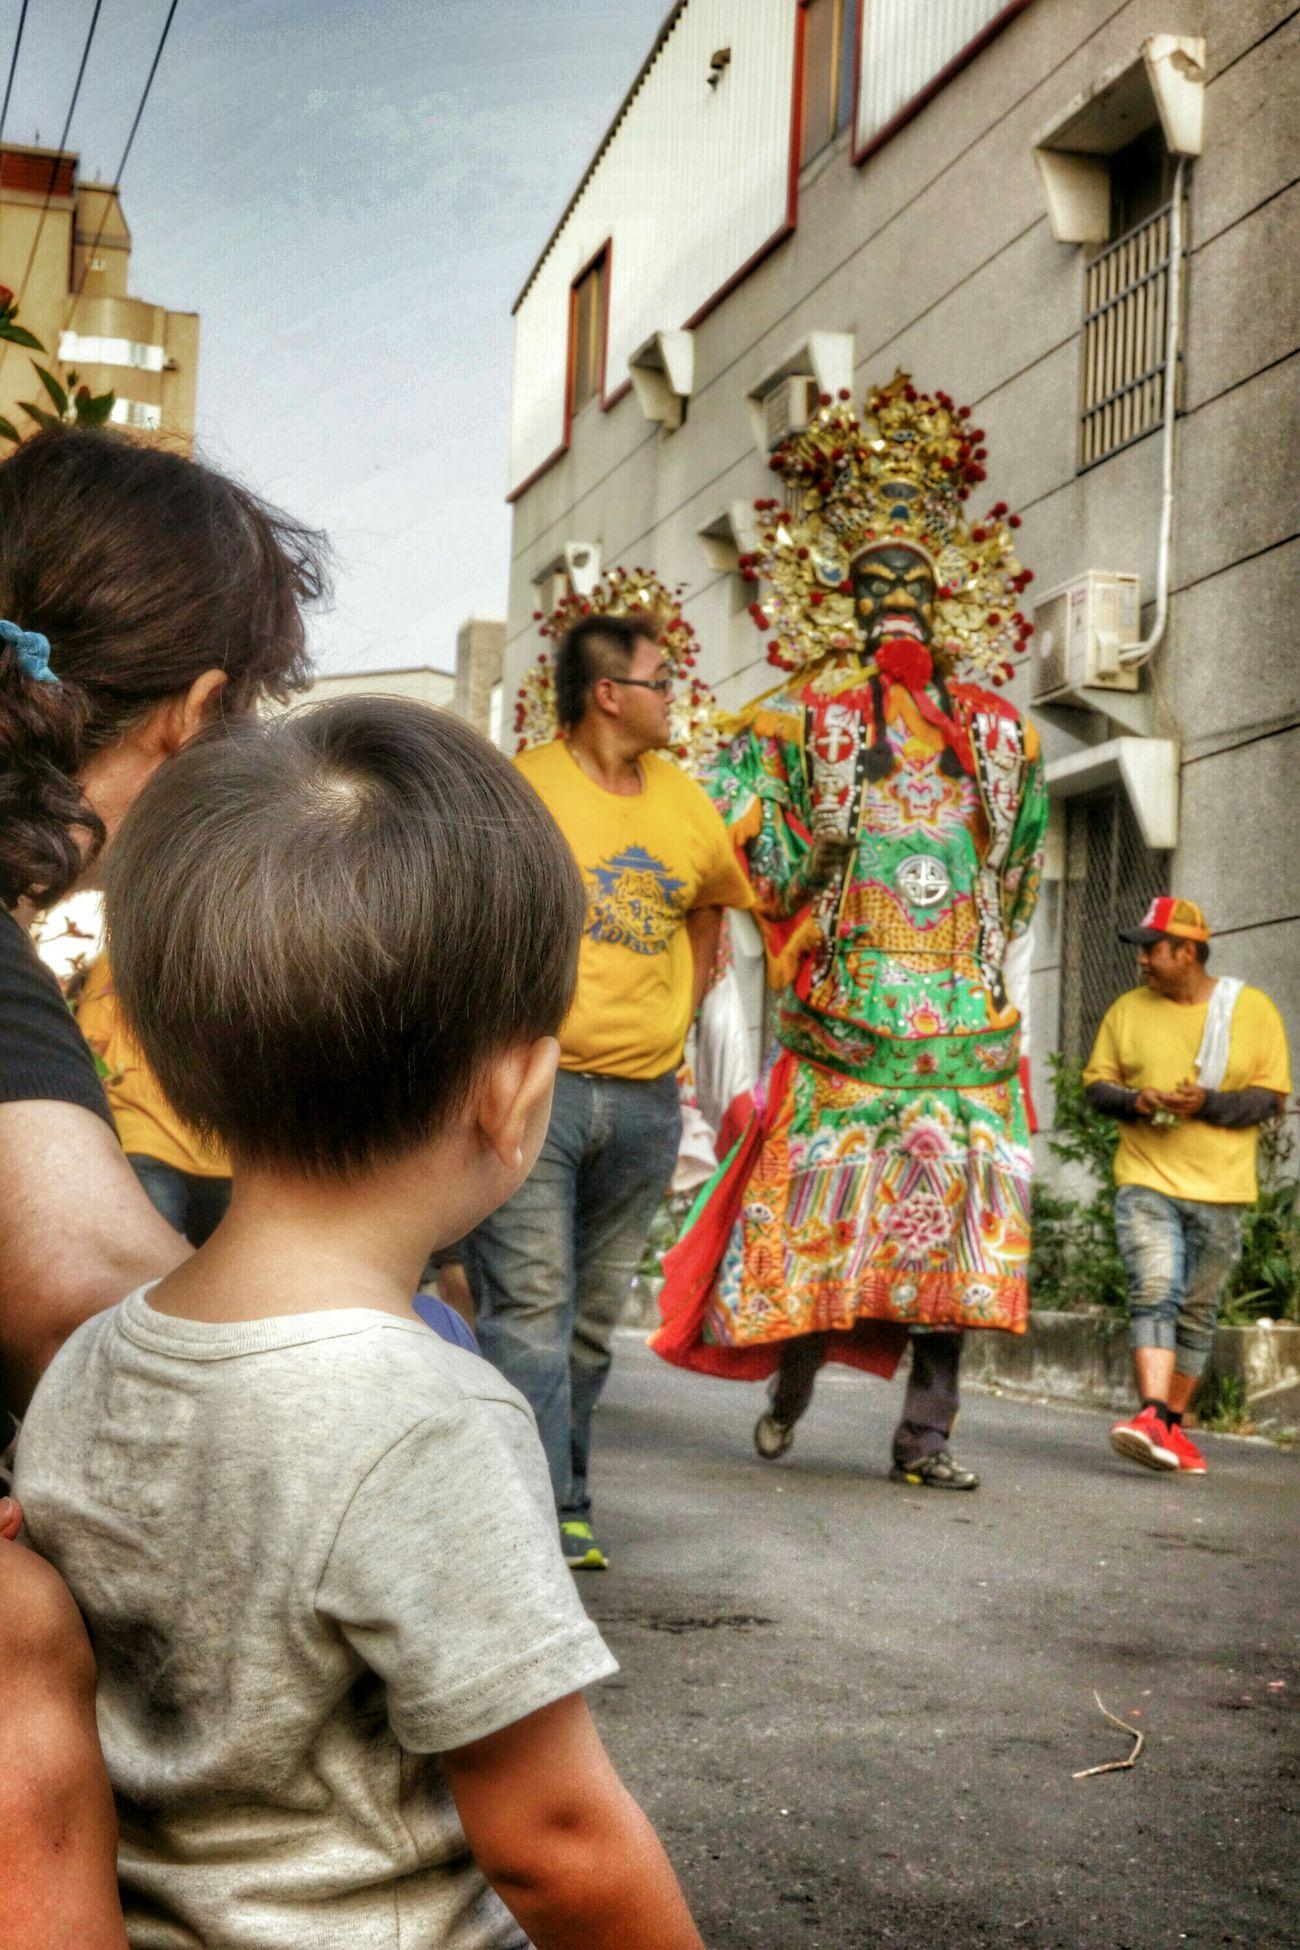 拿椅頭看陣頭-3 Portrait People What I Saw Streetphotography The View And The Spirit Of Taiwan 台灣景 台灣情